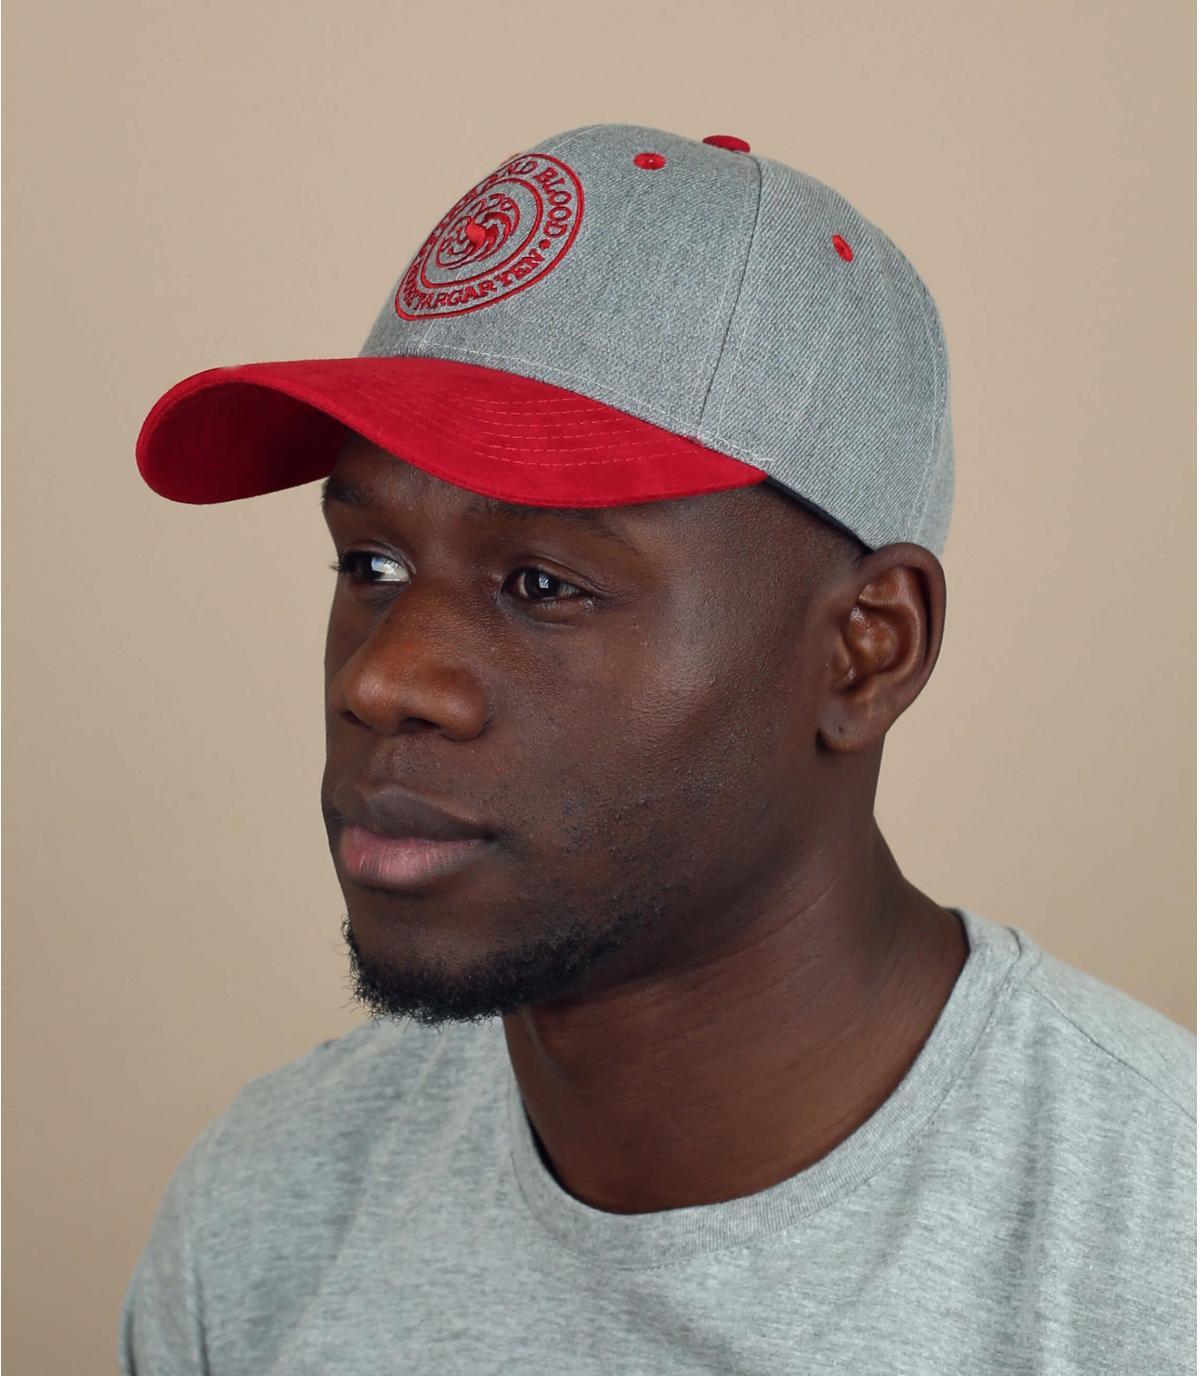 Cappellino Targaryen grigio rosso